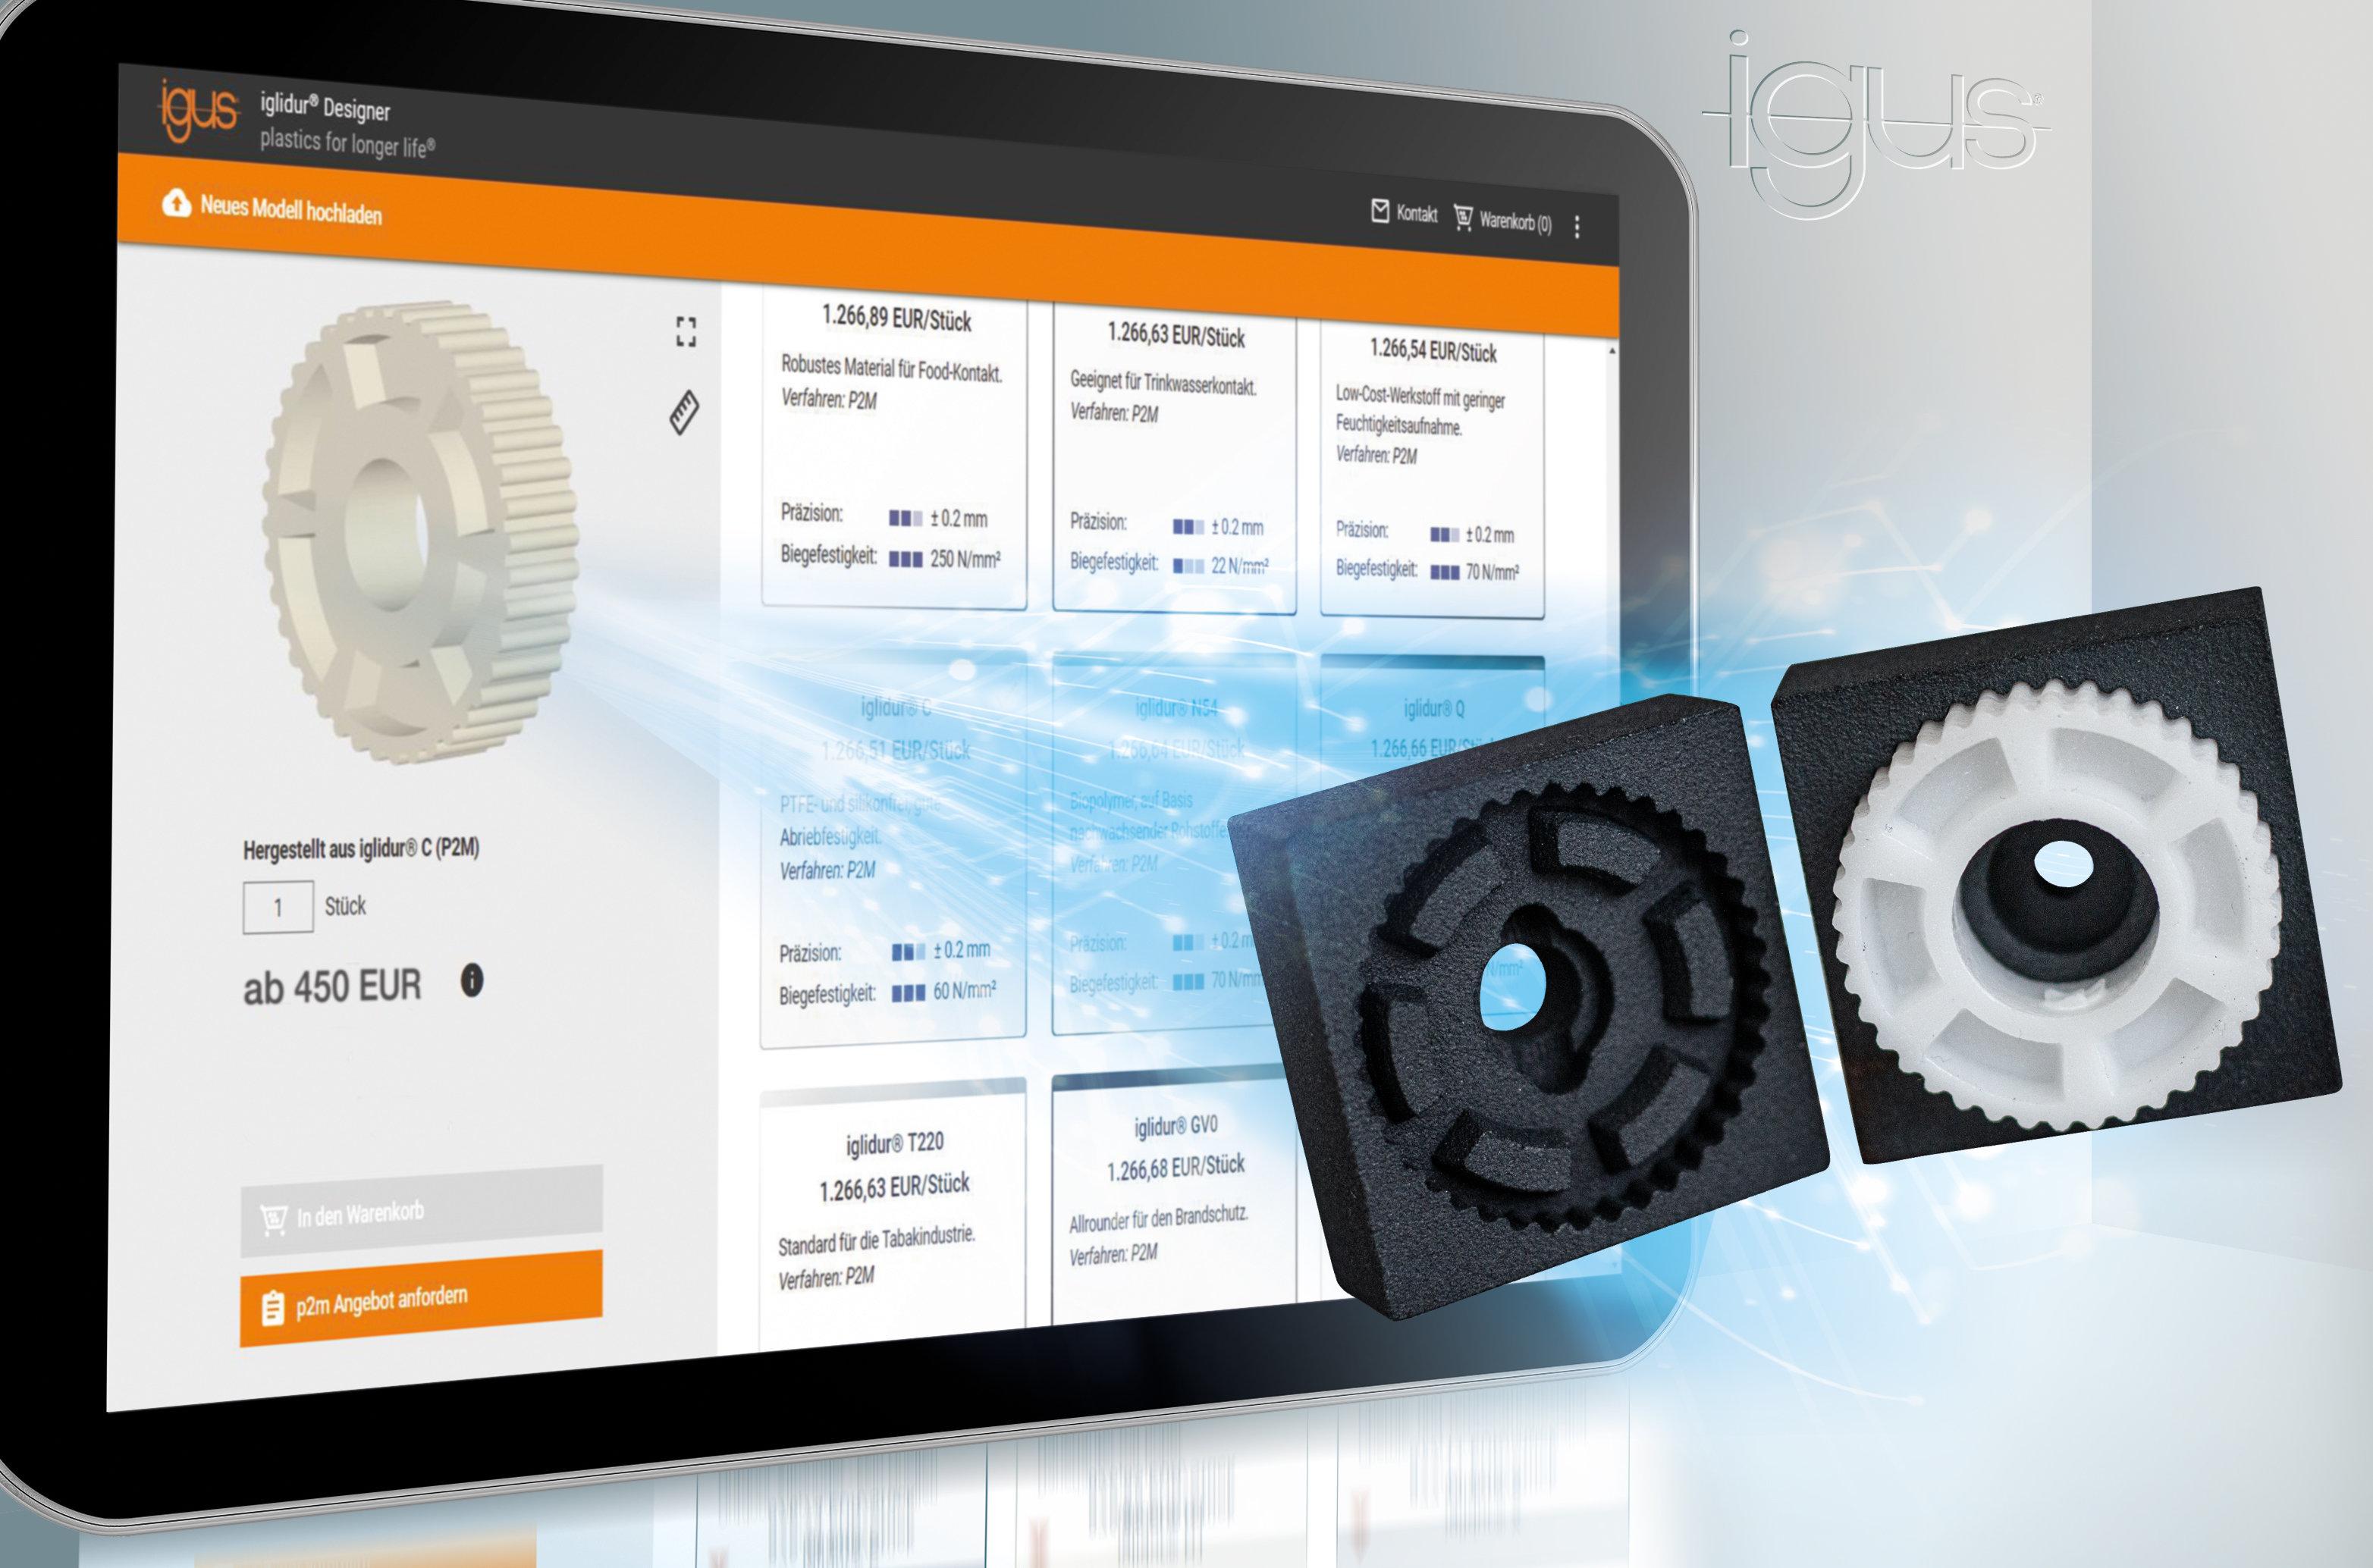 Igus erweitert seinen 3D-Druckservice um das Print2Mould-Verfahren mit gedruckten Spritzgusswerkzeugen. So kann der Anwender online sein verschleissfestes Sonderteil im passenden schmier- und wartungsfreien Werkstoff bestellen. (Bild: igus)